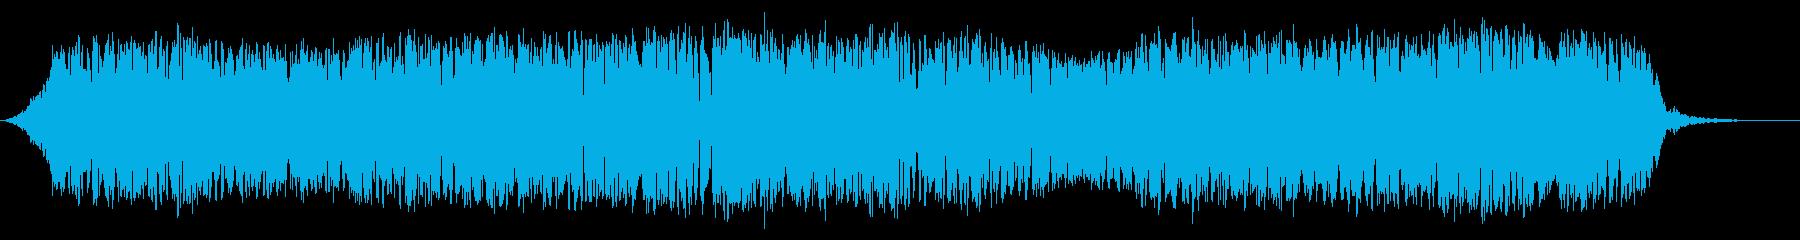 テルミン:揺らめくお化け屋敷音楽の...の再生済みの波形